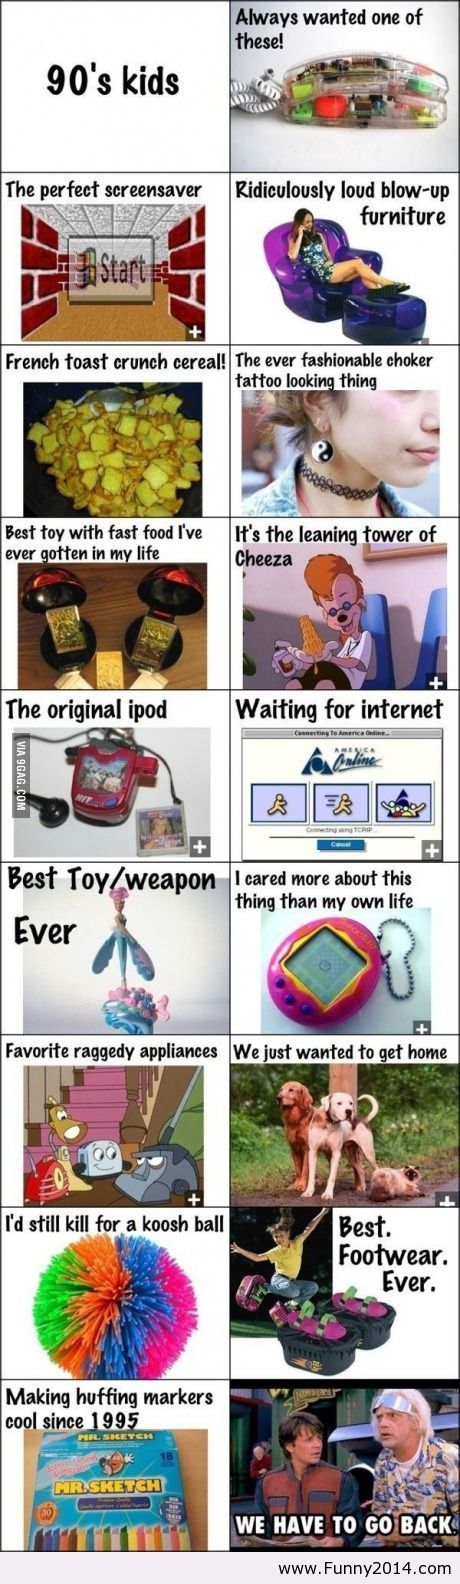 90's life